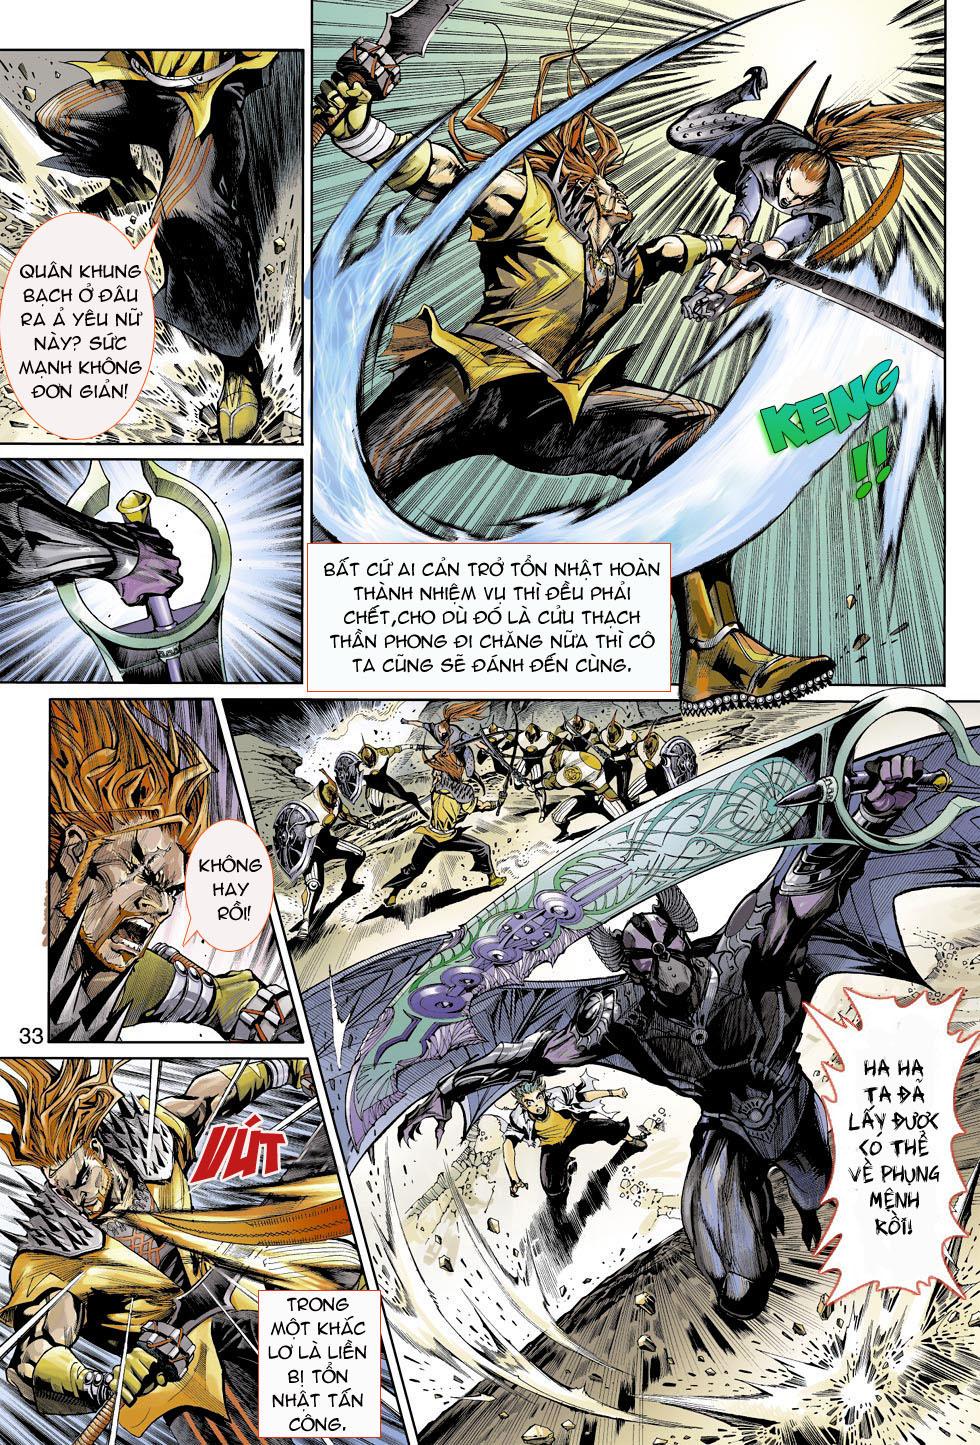 Thần Binh 4 chap 4 - Trang 33